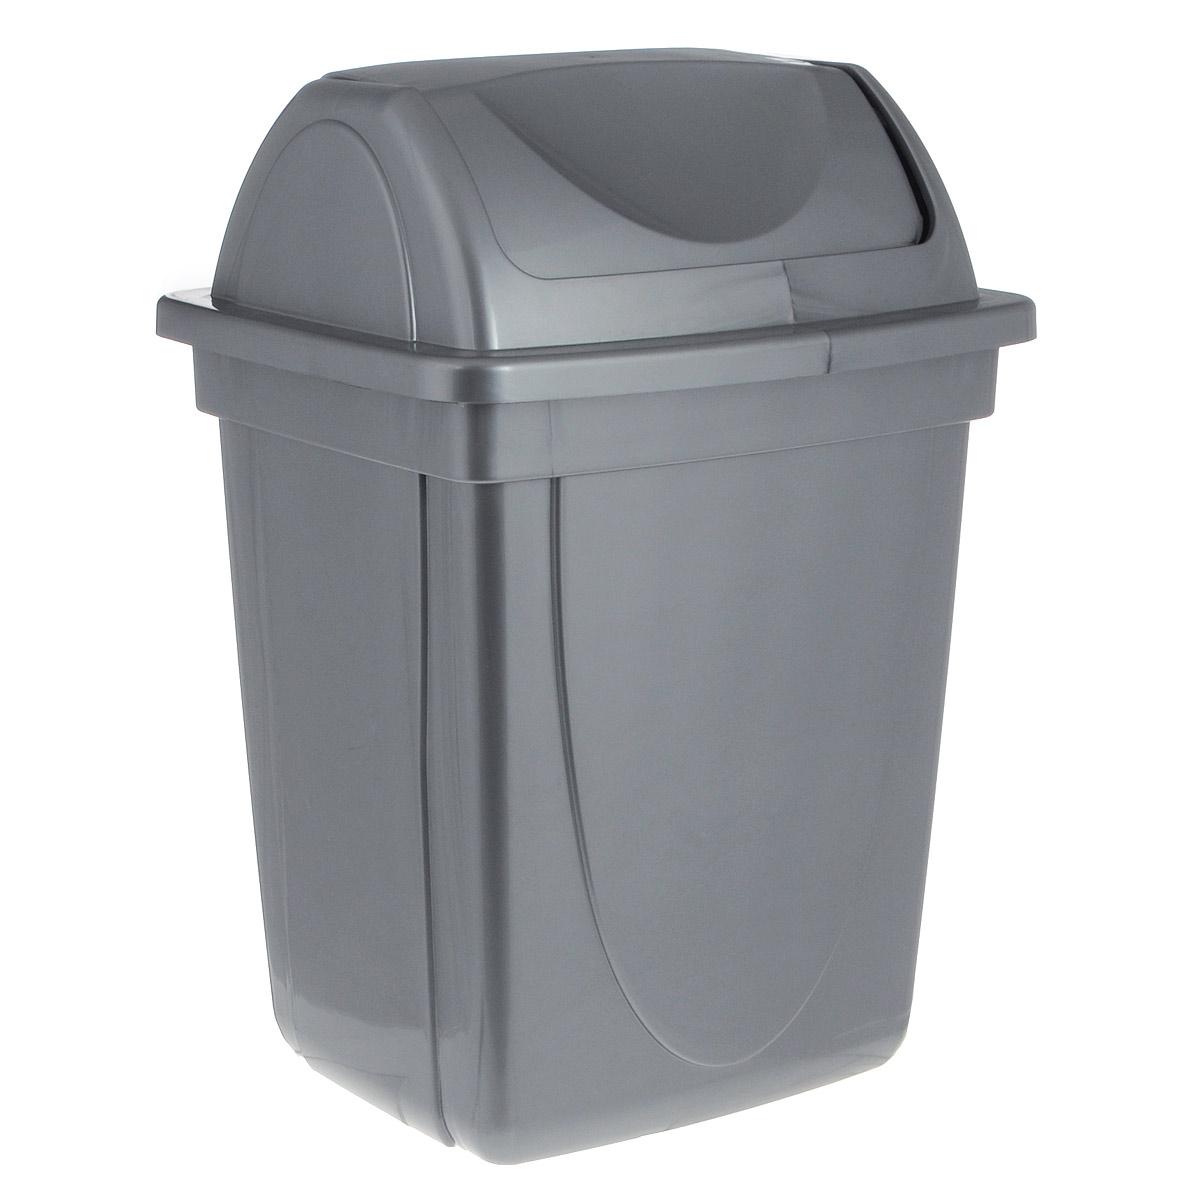 Корзина для бумаг Стамм выполнена из высококачественного пластика и предназначена для сбора мелкого мусора и бумаг. Вместительная корзина оснащена удобной съемной крышкой, вращающейся на 360 градусов. Такая корзина прекрасно впишется в интерьер гостиной, спальни, офиса или кабинета.